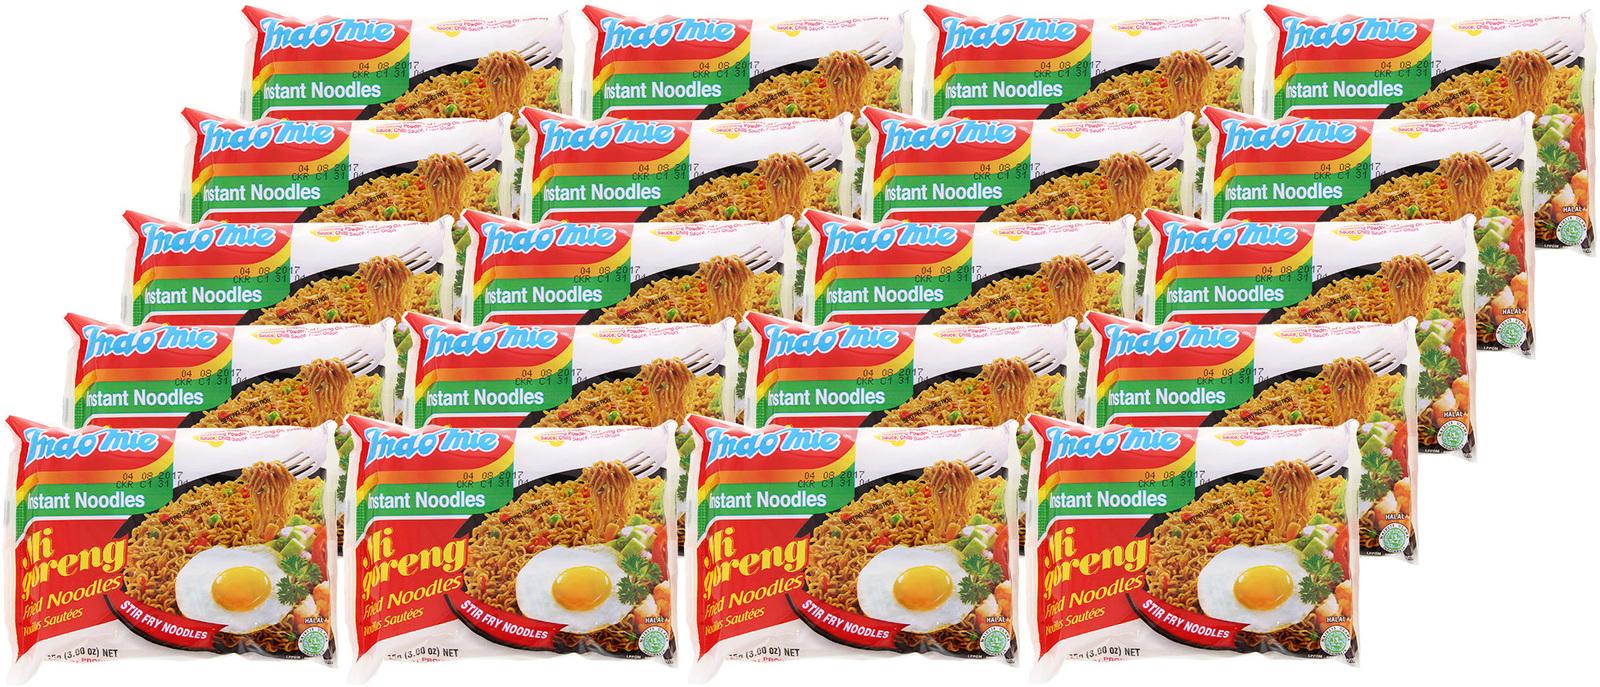 Indomie Mi Goreng Noodles 85g (20 Pack) image